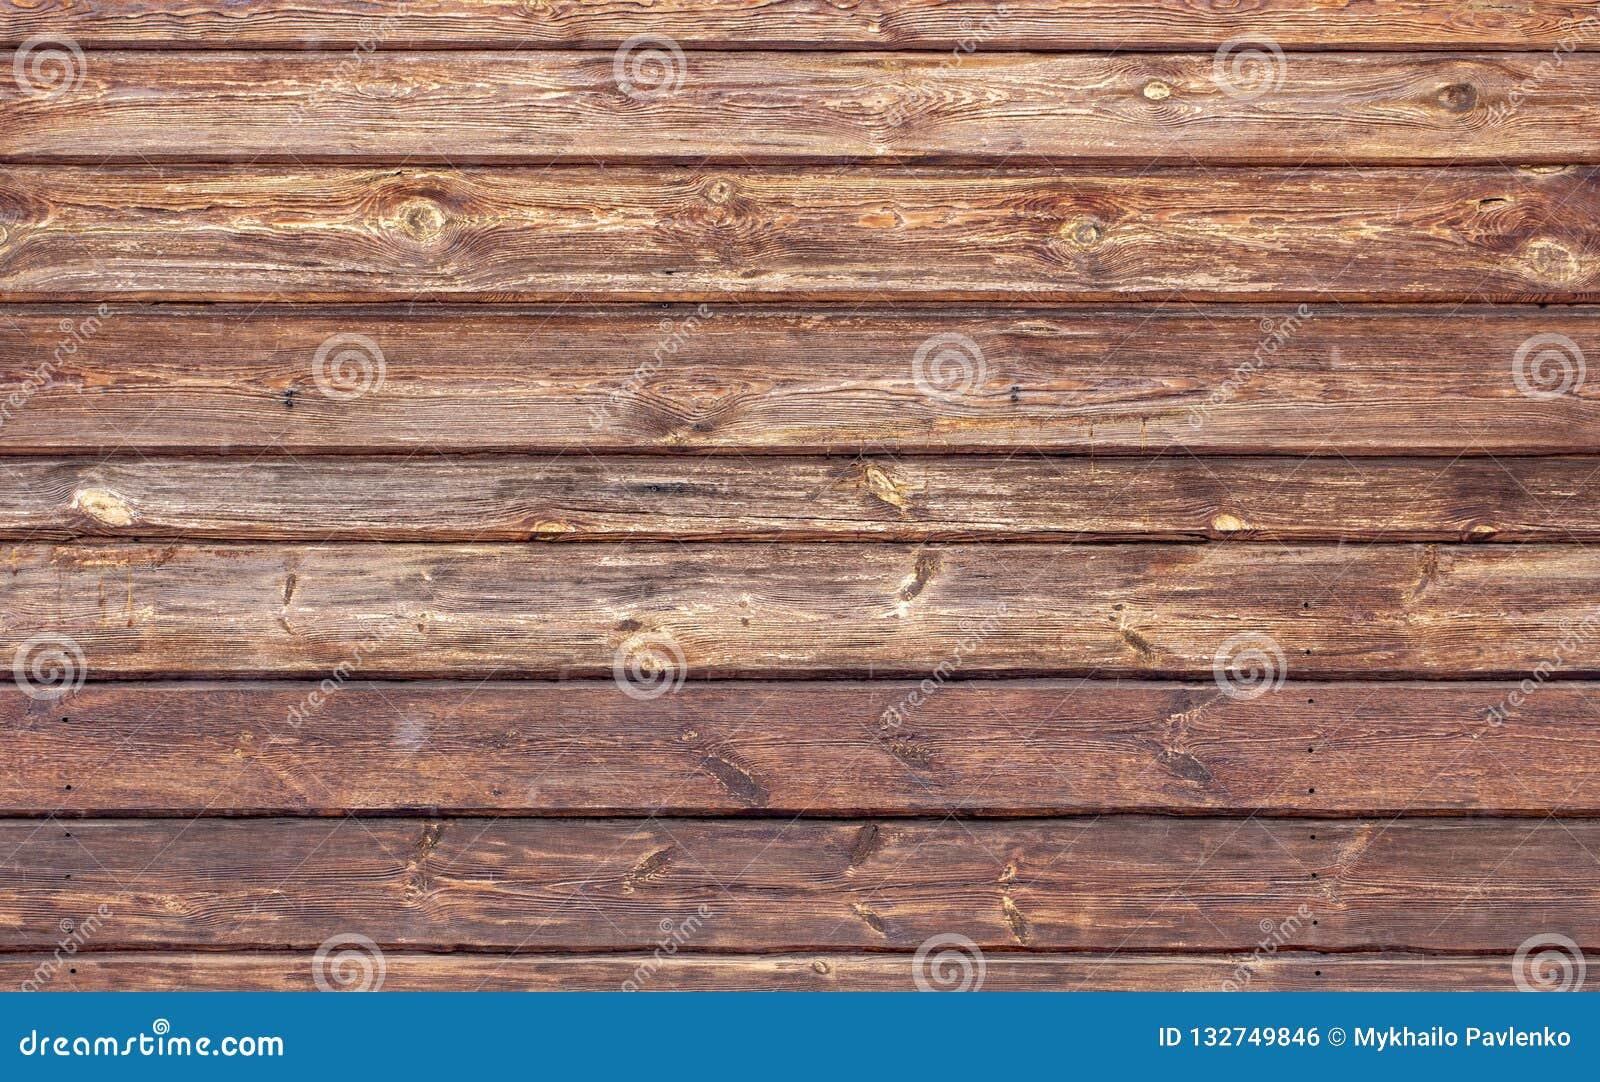 Ξύλινη καφετιά σύσταση σιταριού, τοπ άποψη του ξύλινου υποβάθρου επιτραπέζιων ξύλινου τοίχων